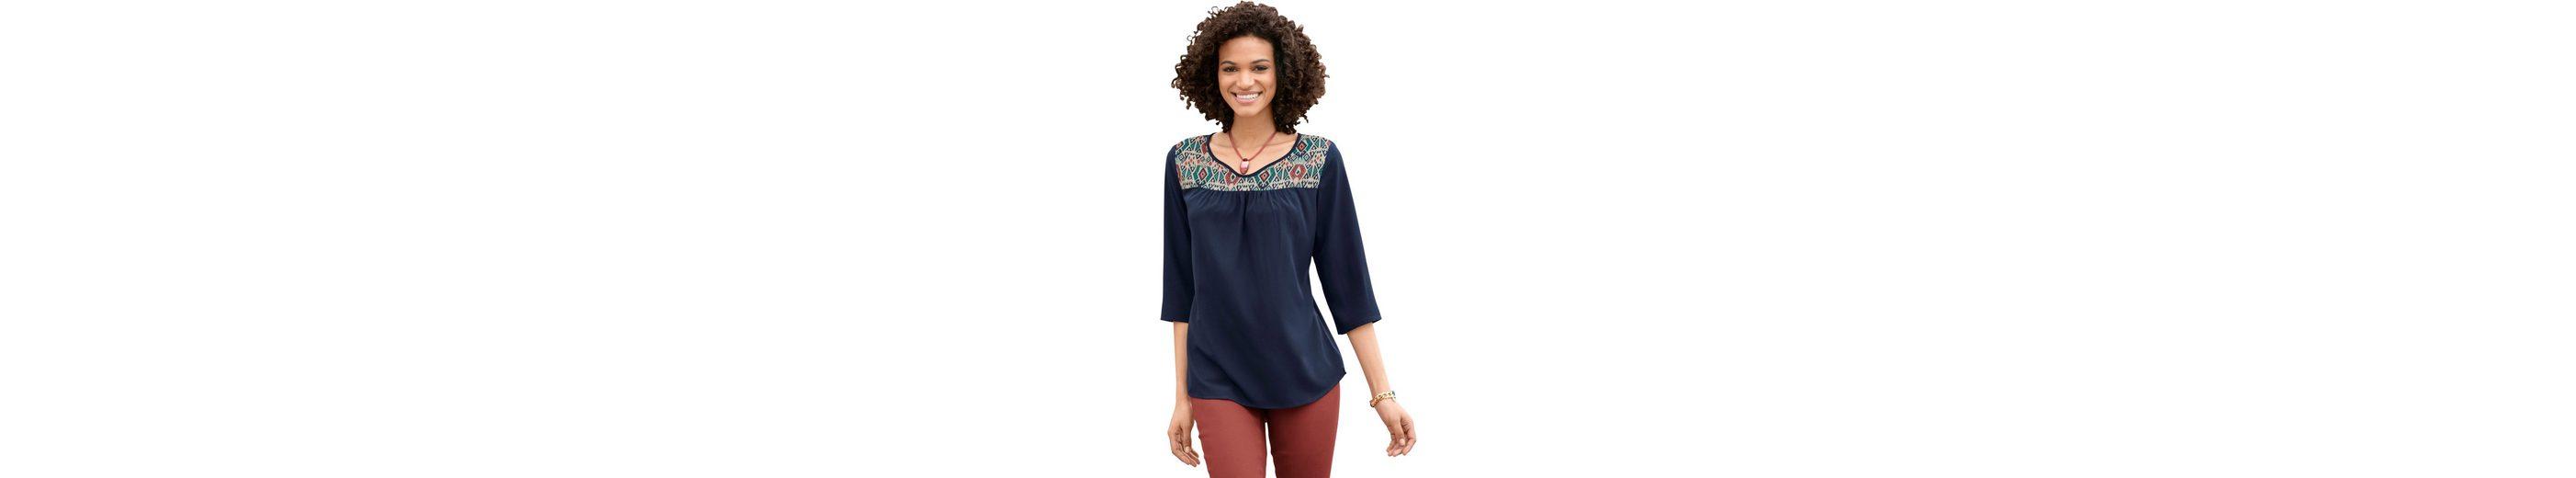 Classic Basics Bluse mit schön gestaltetem Ausschnitt  Beschränkte Auflage DtYOgK